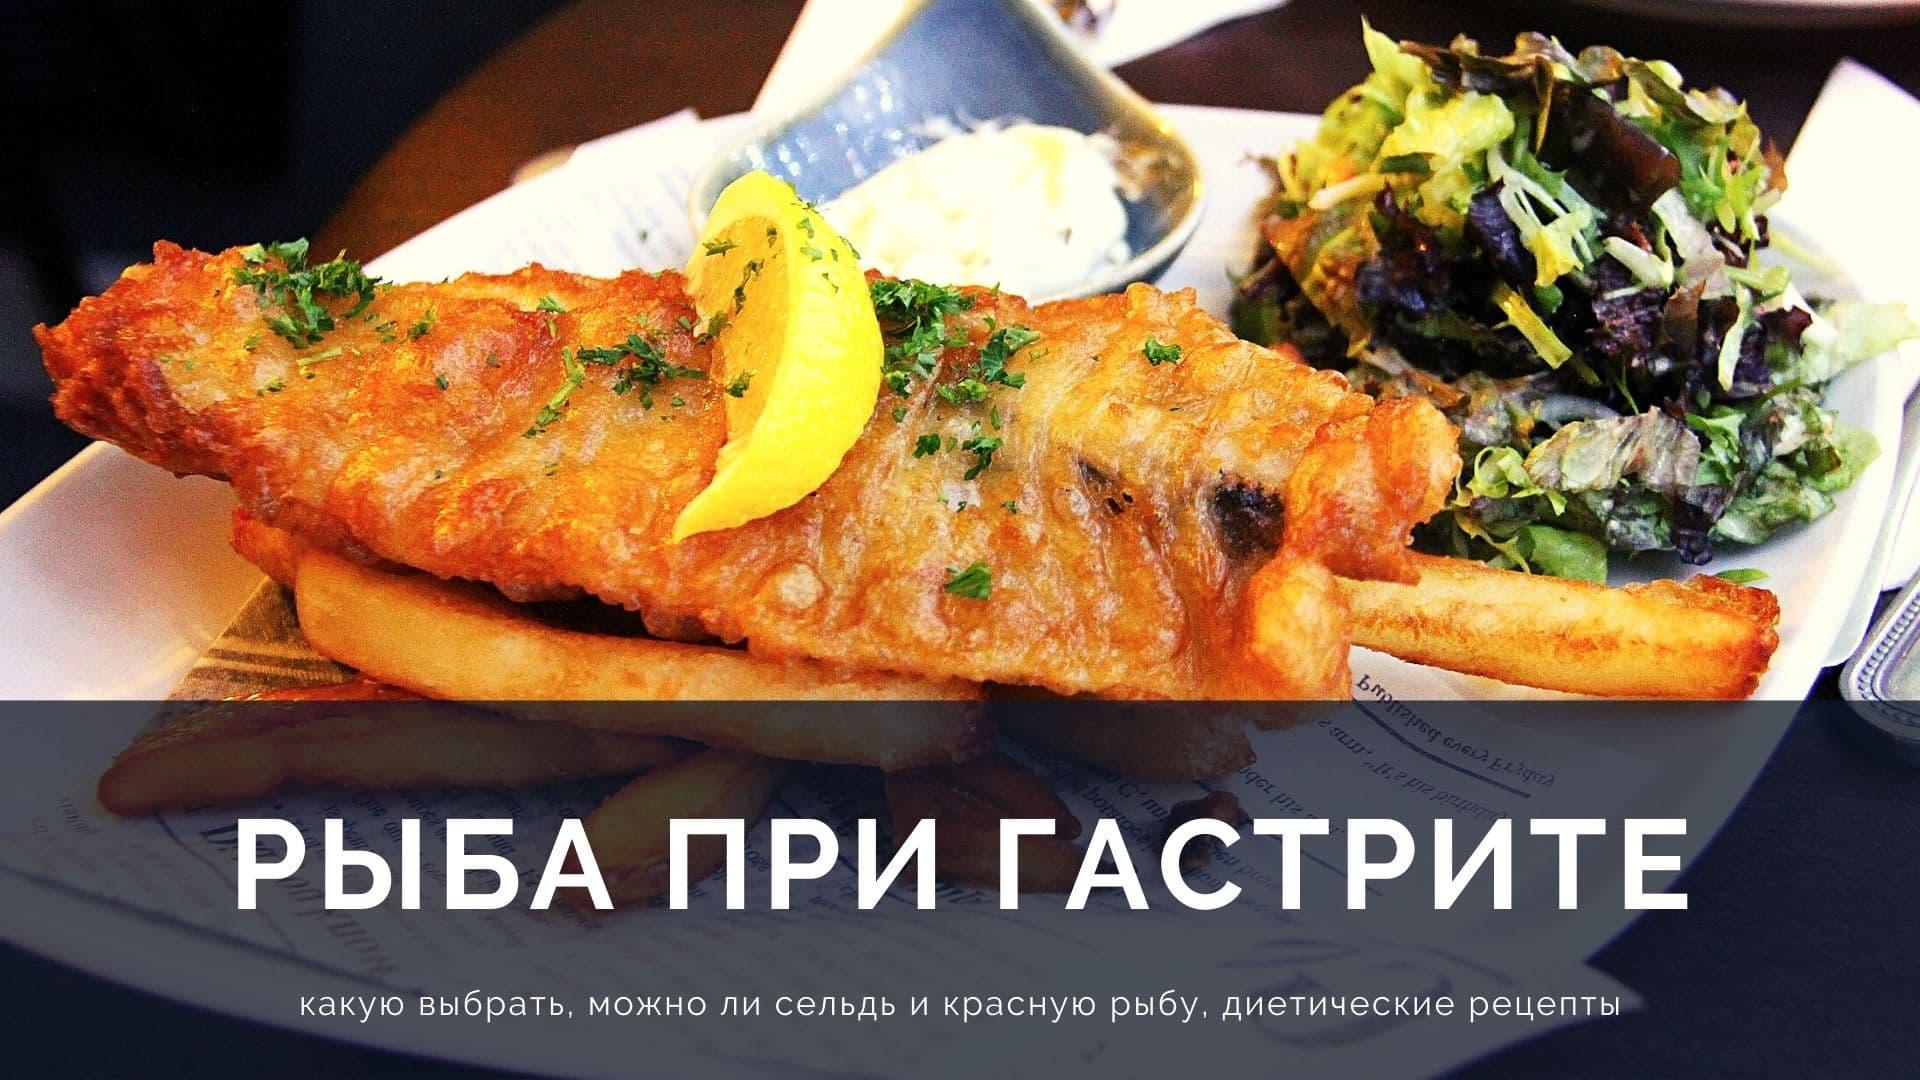 Рыба при гастрите: какую выбрать, можно ли сельдь и красную рыбу, диетические рецепты